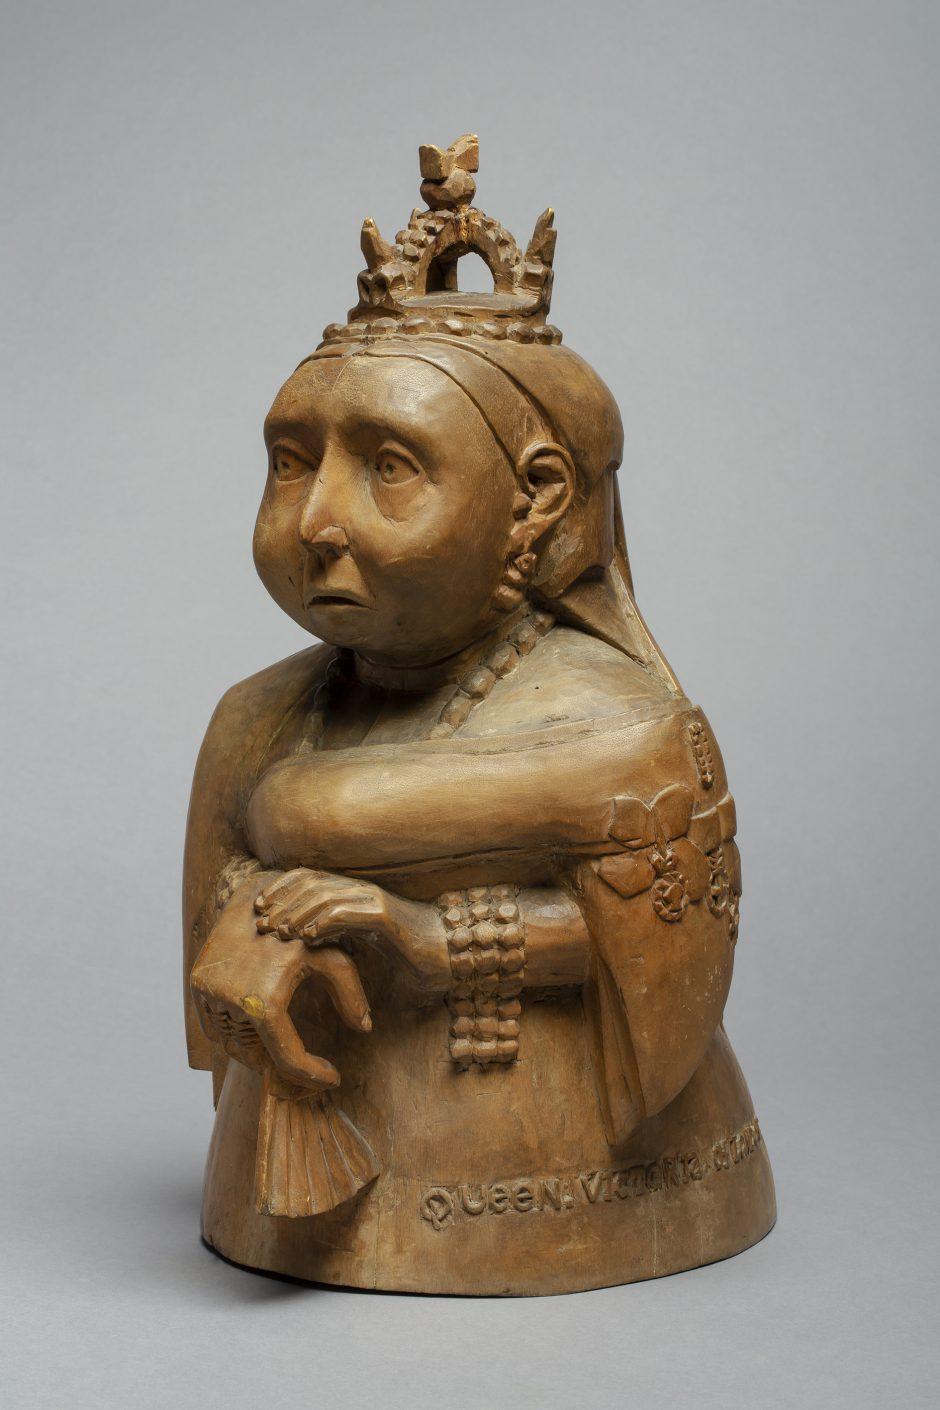 Female figure, wood, before 1904